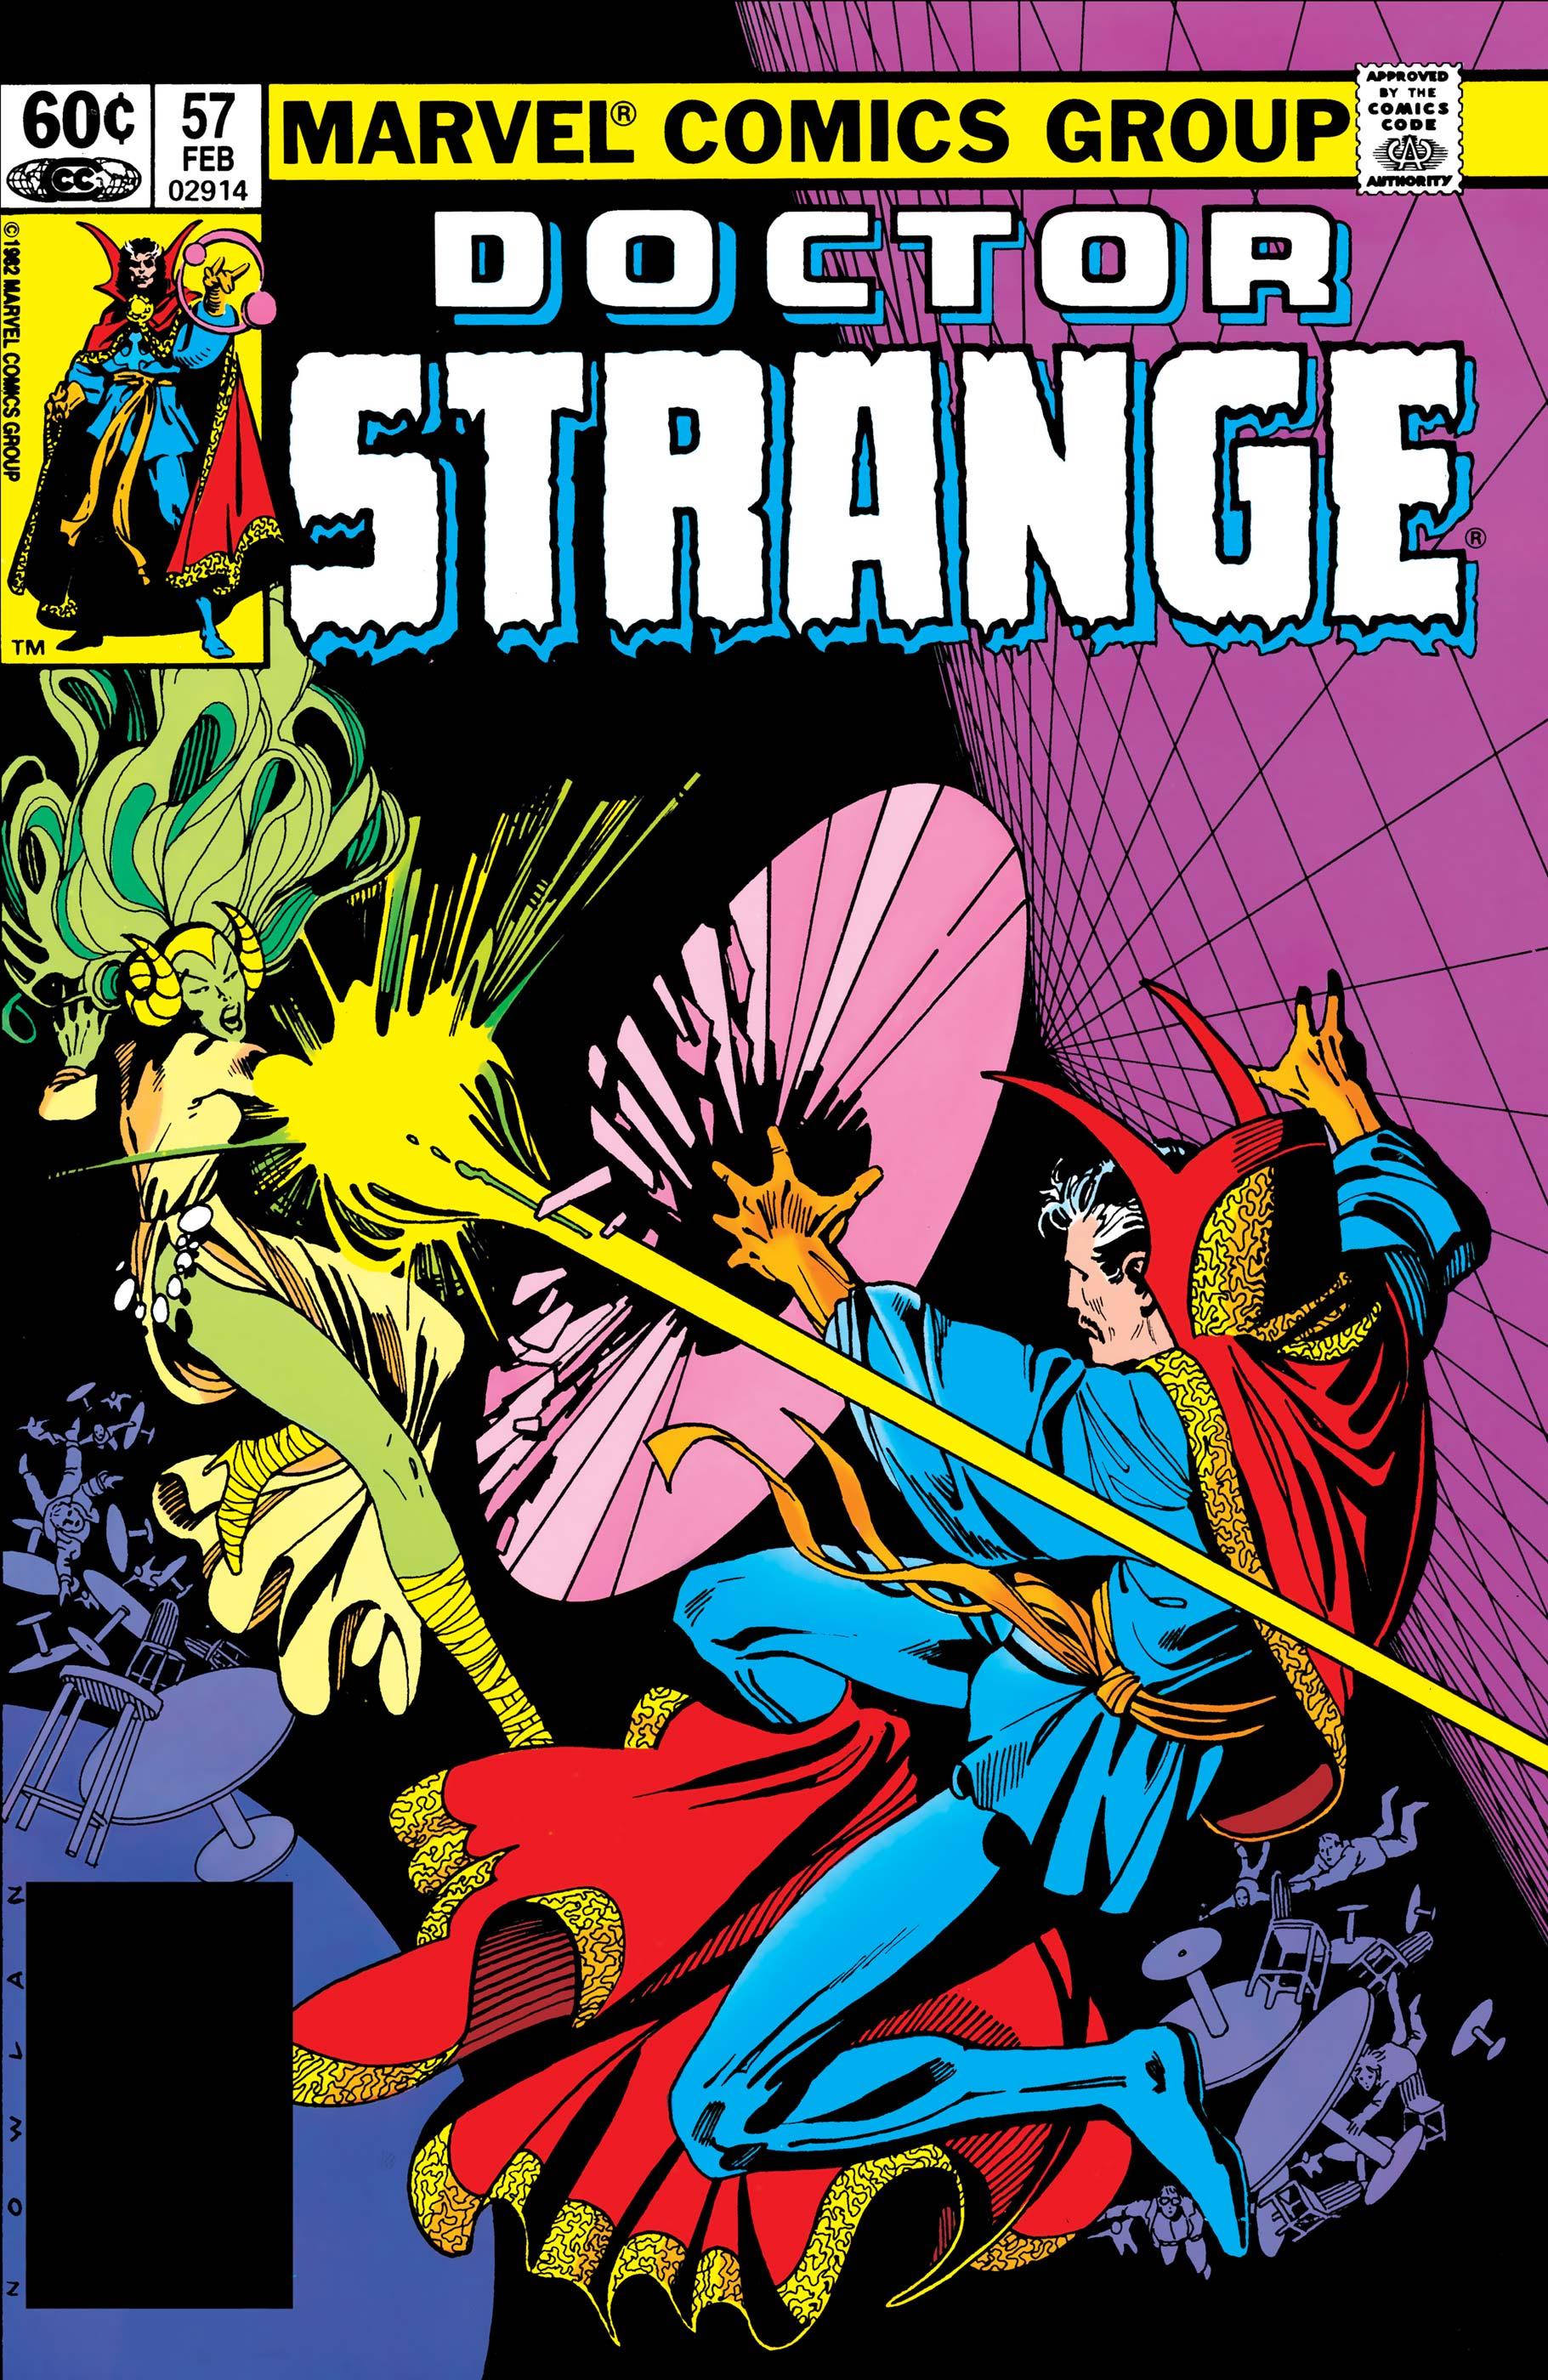 Doctor Strange (1974) #57